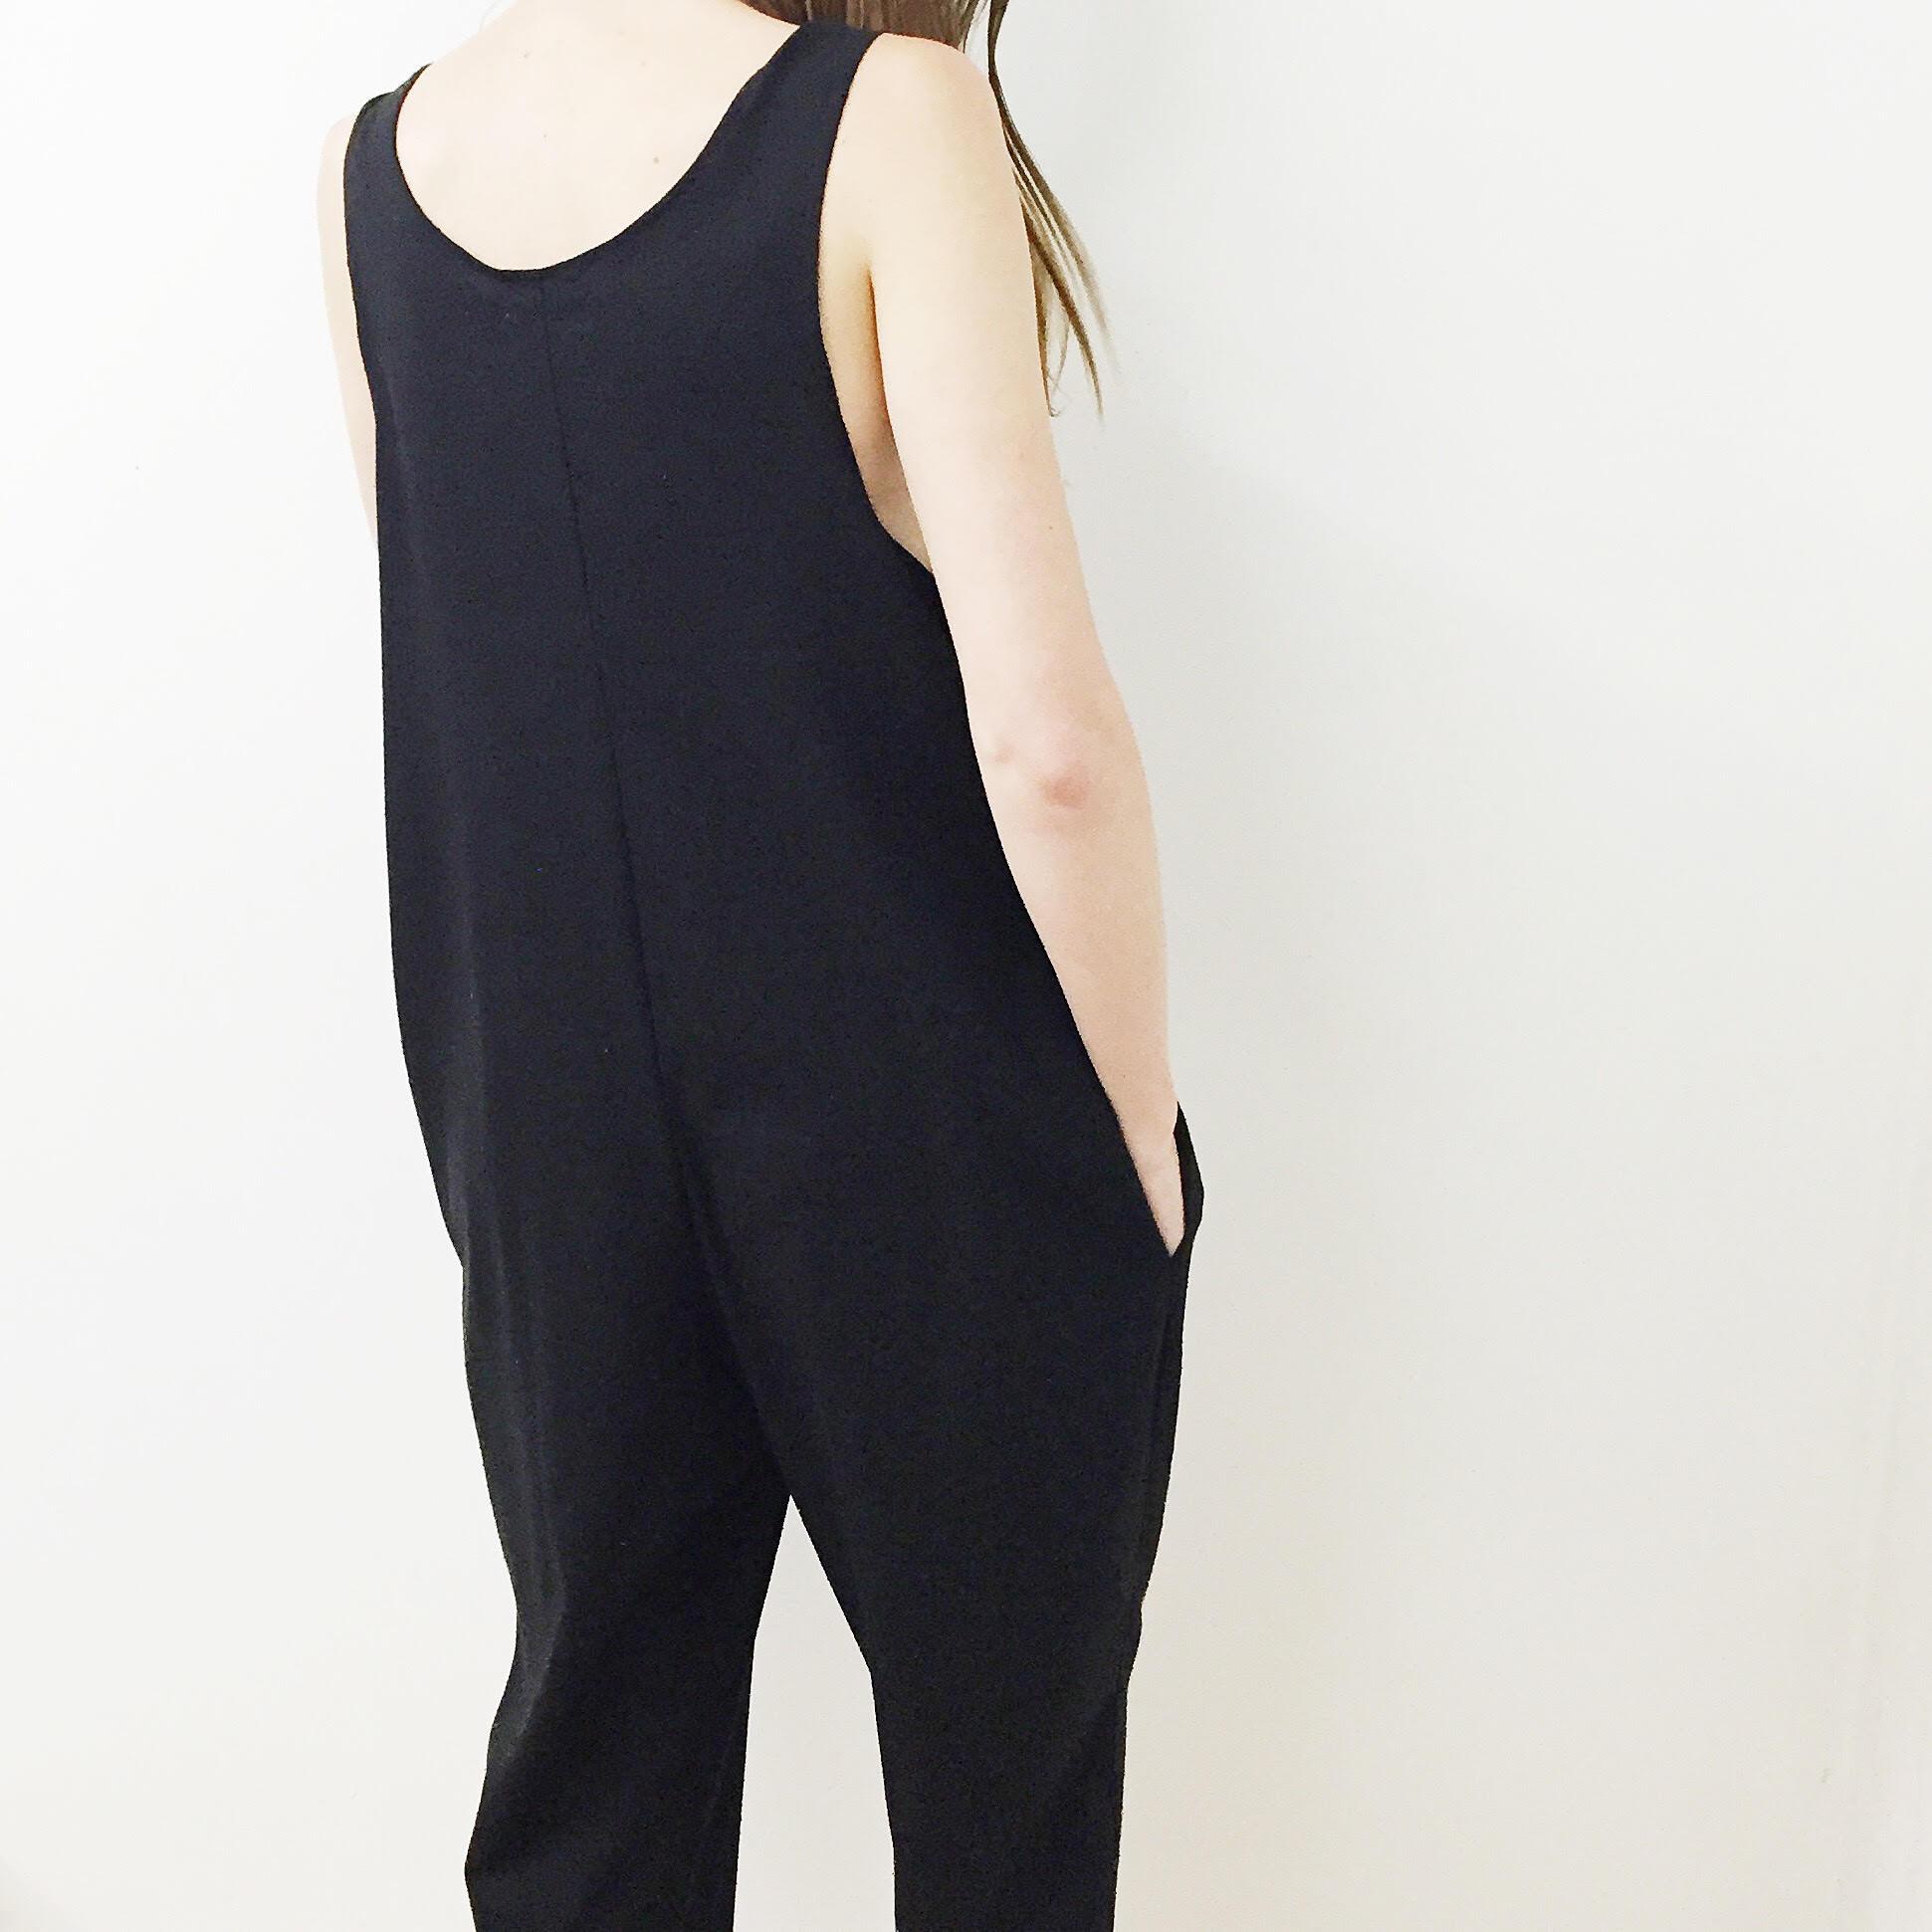 fee53932f97 Laurs Kemp Raw Silk Ulli Jumpsuit - Black | Garmentory